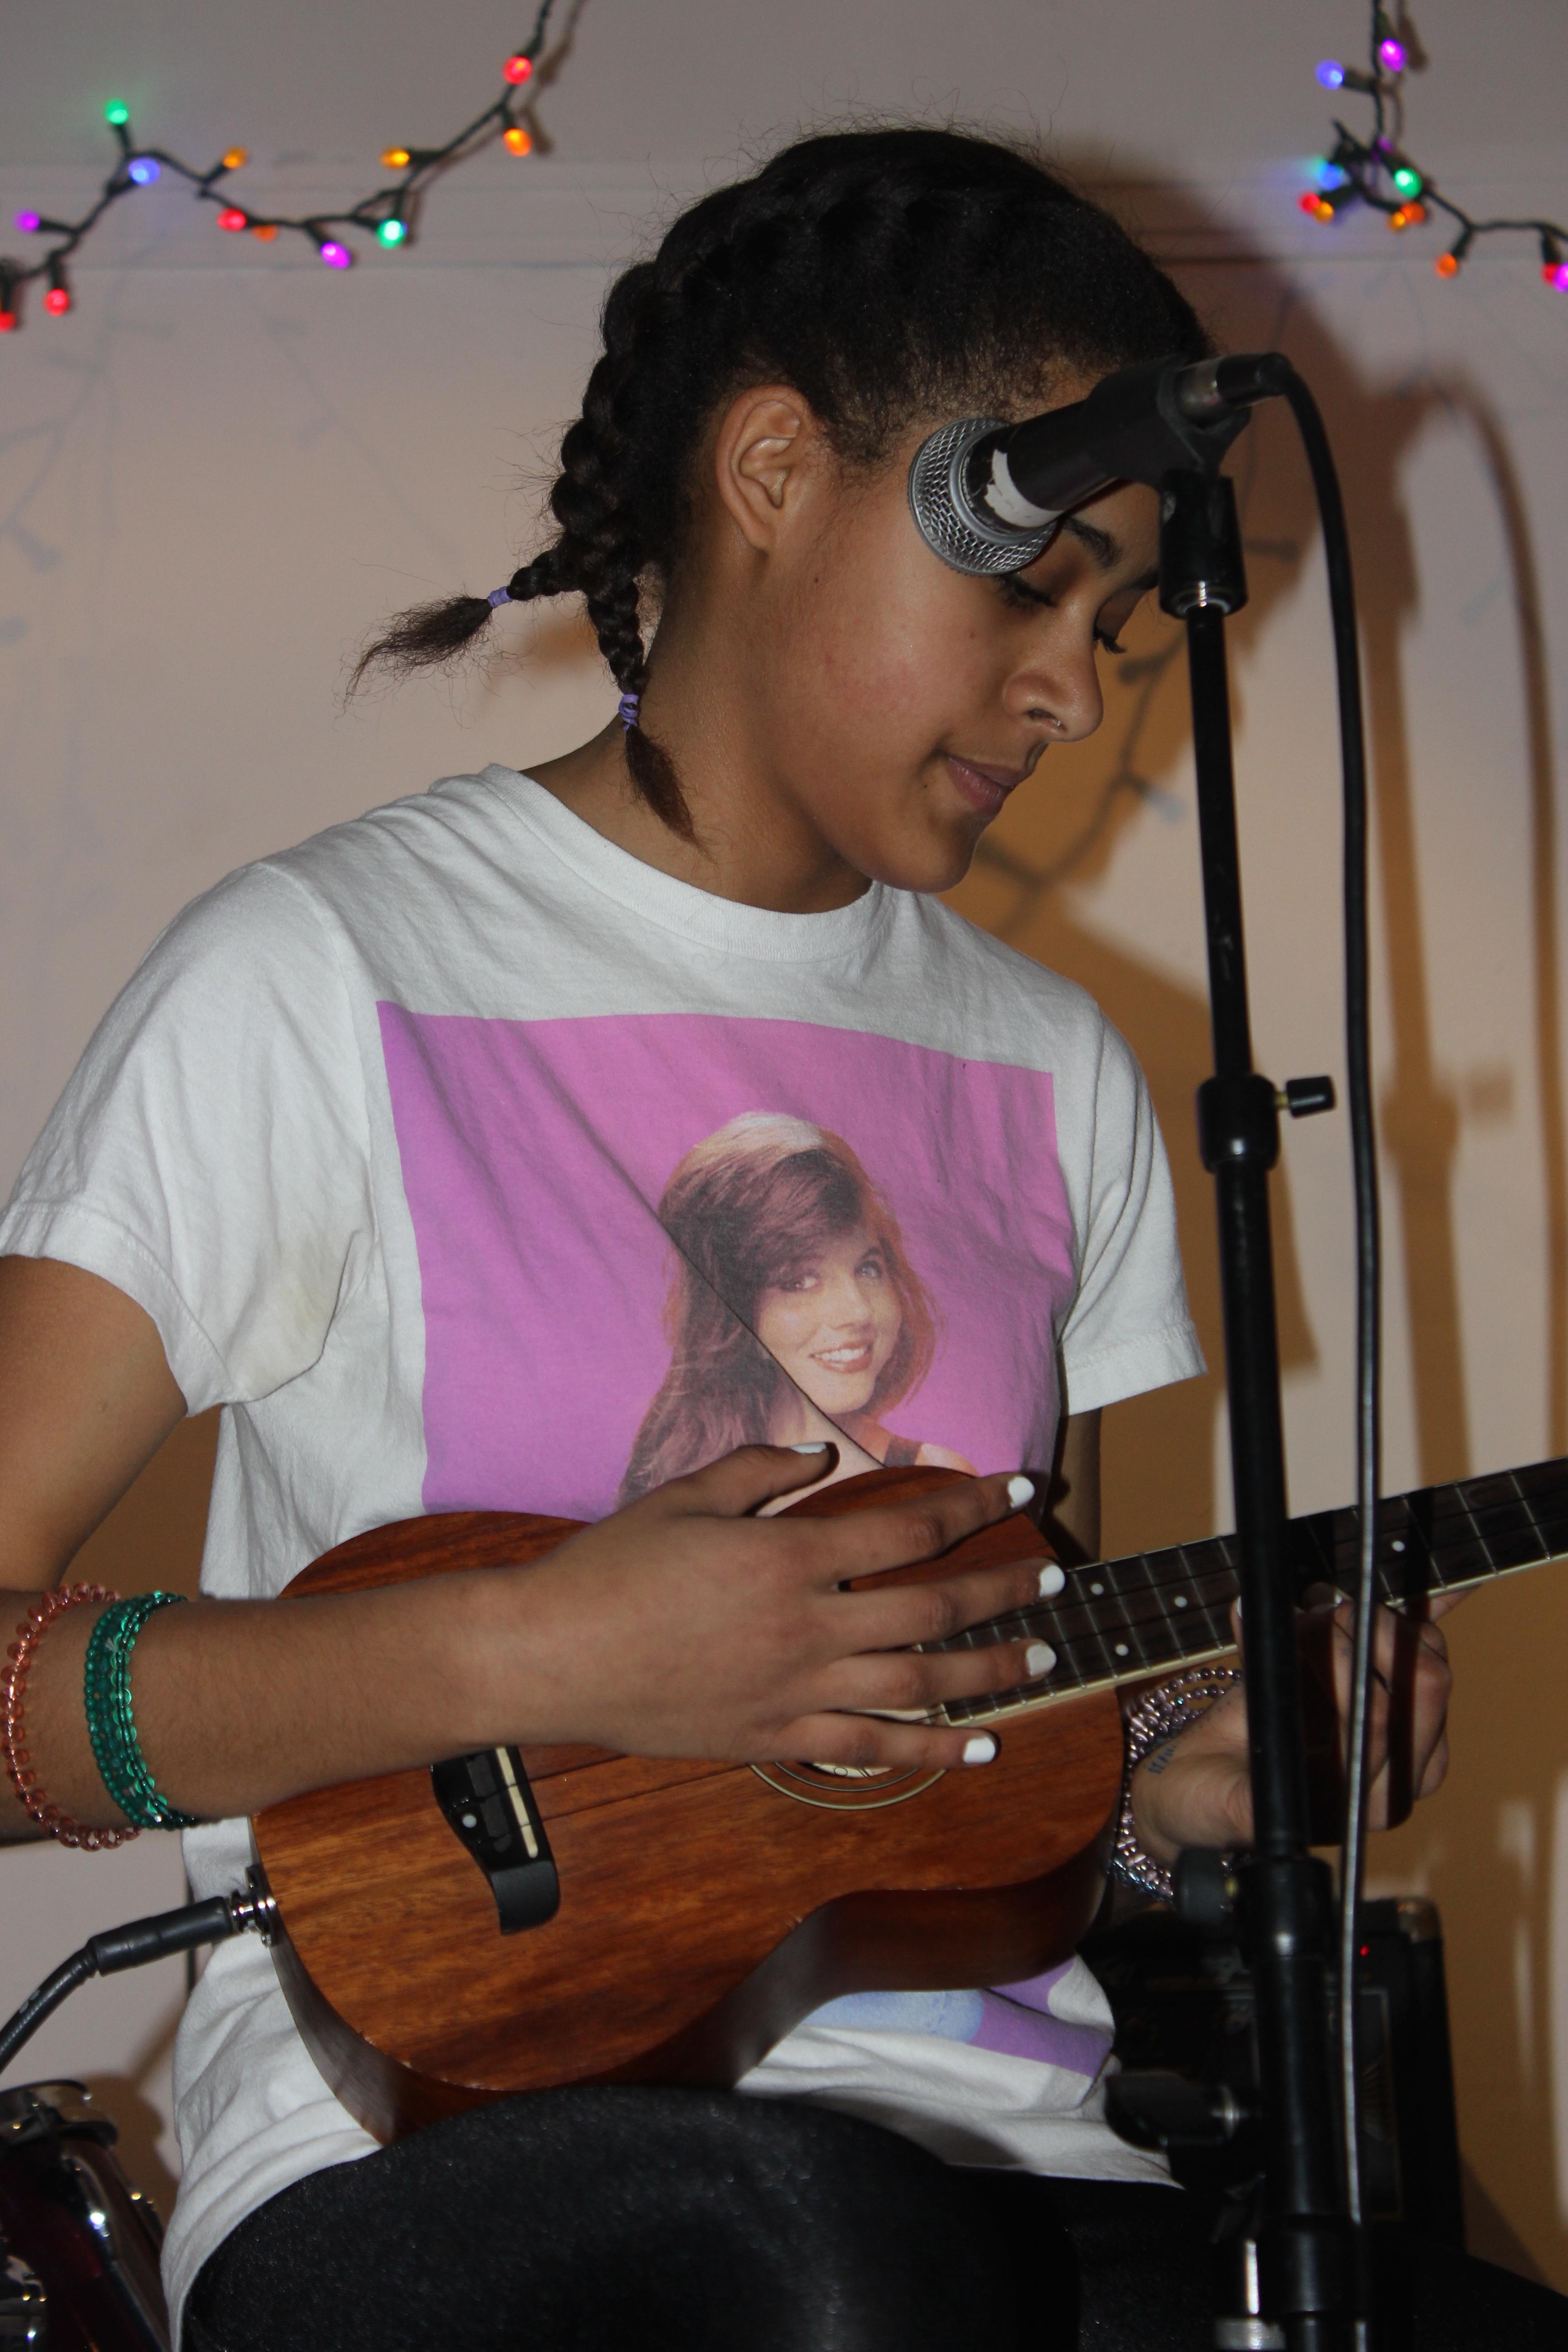 Safiya Sirota